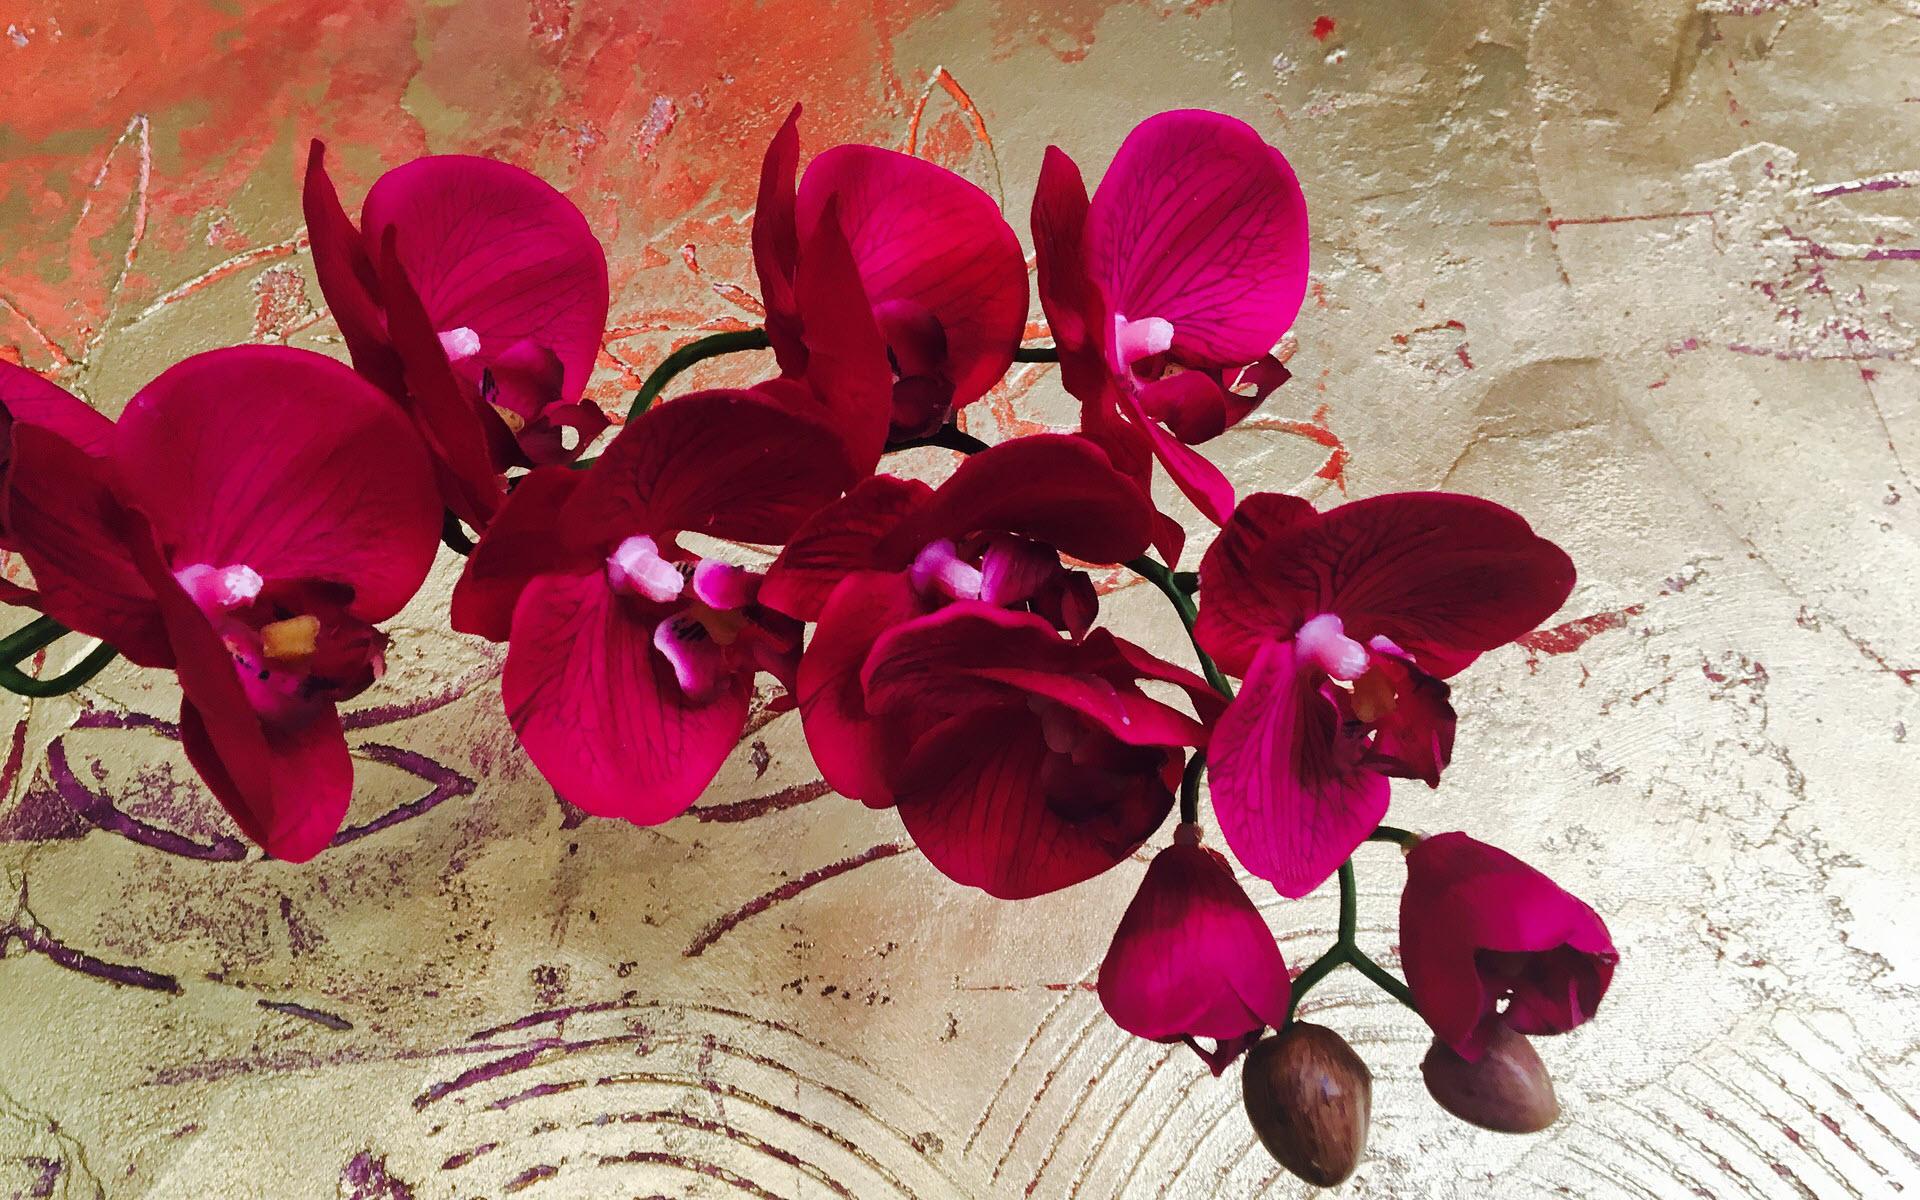 Hình nền đẹp về hoa lan